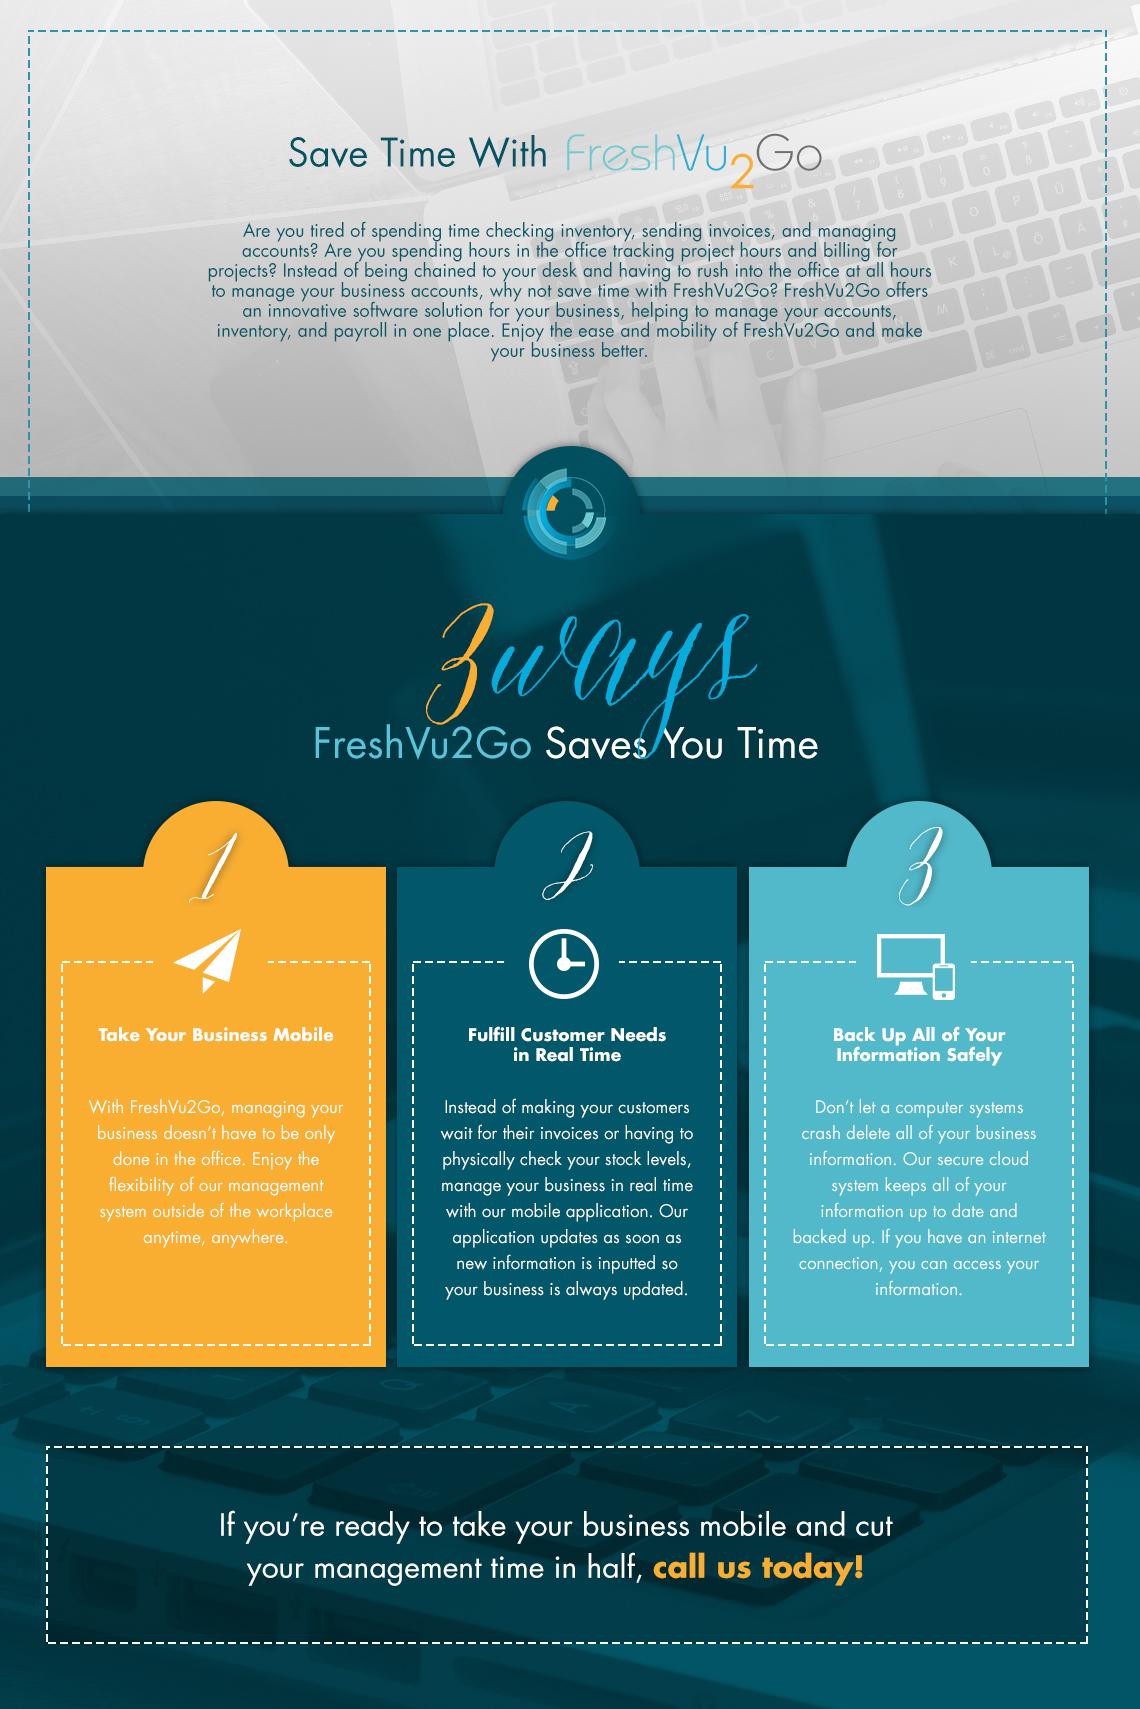 3ways_infographic